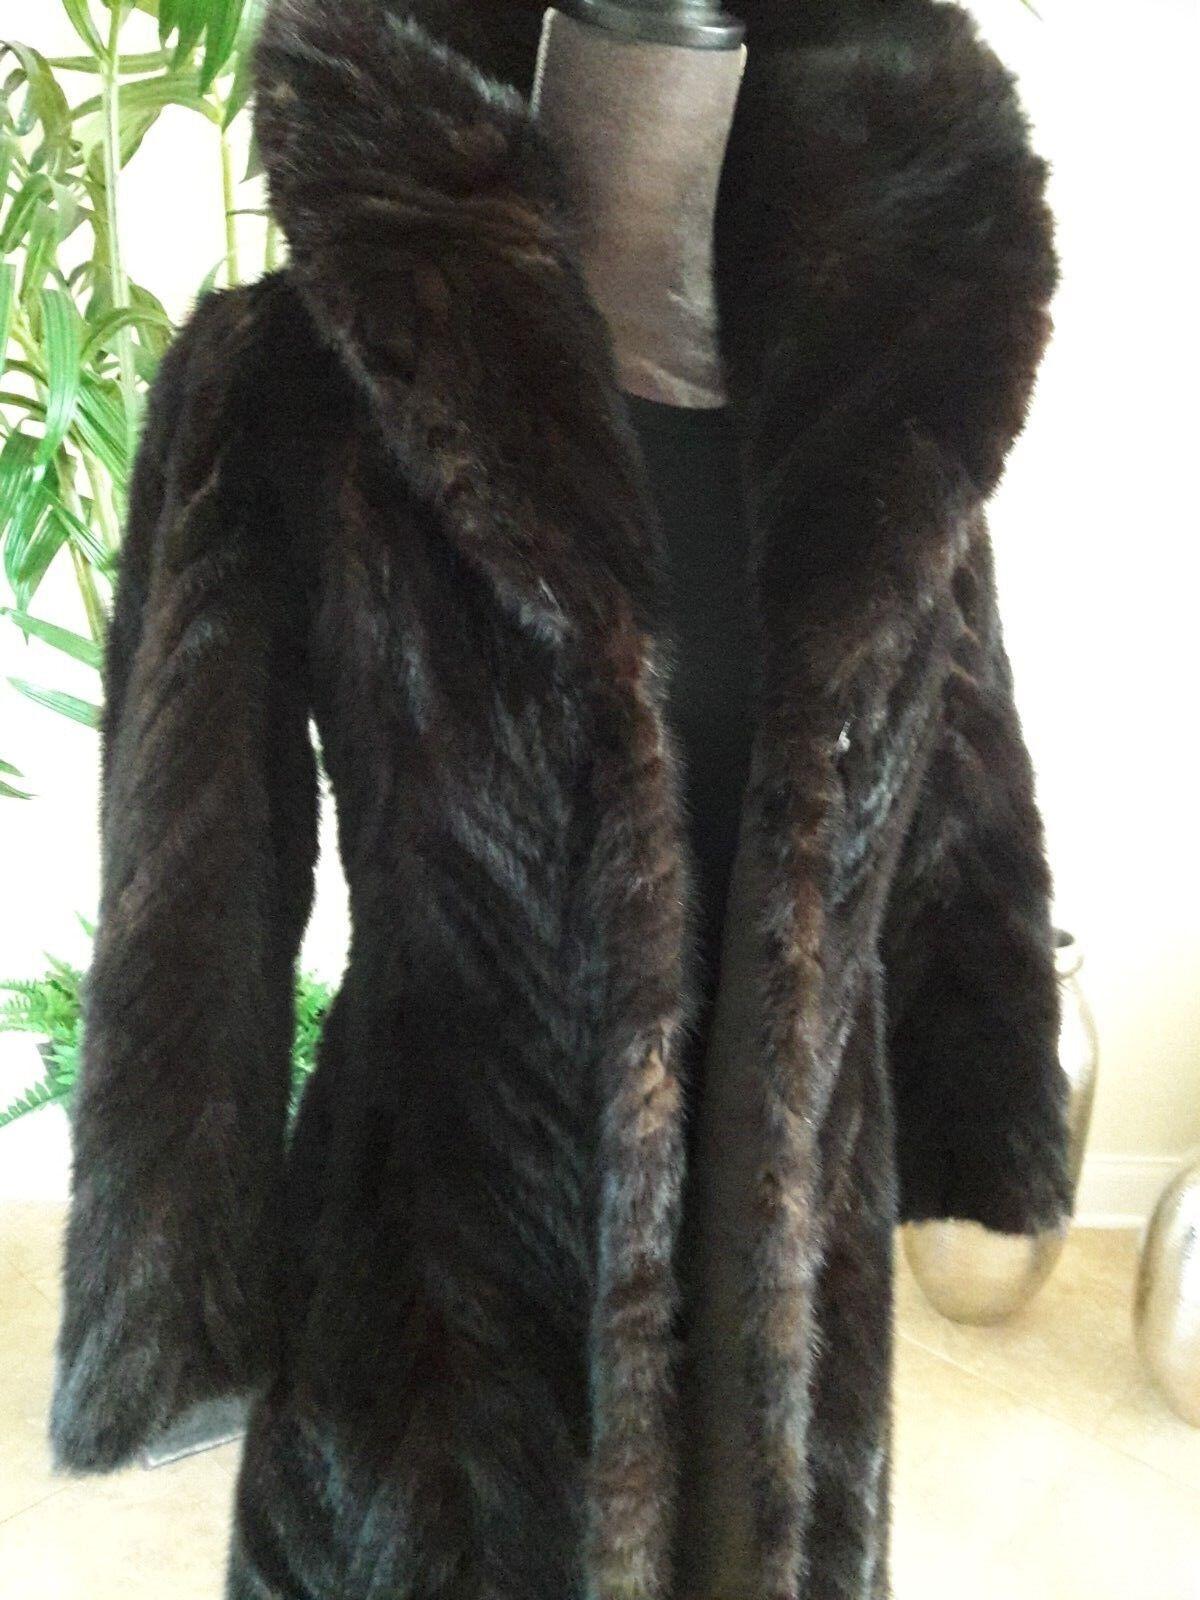 MINK COAT Real Fur Natural Ranch Vintage Mink Coat Women's Size 2